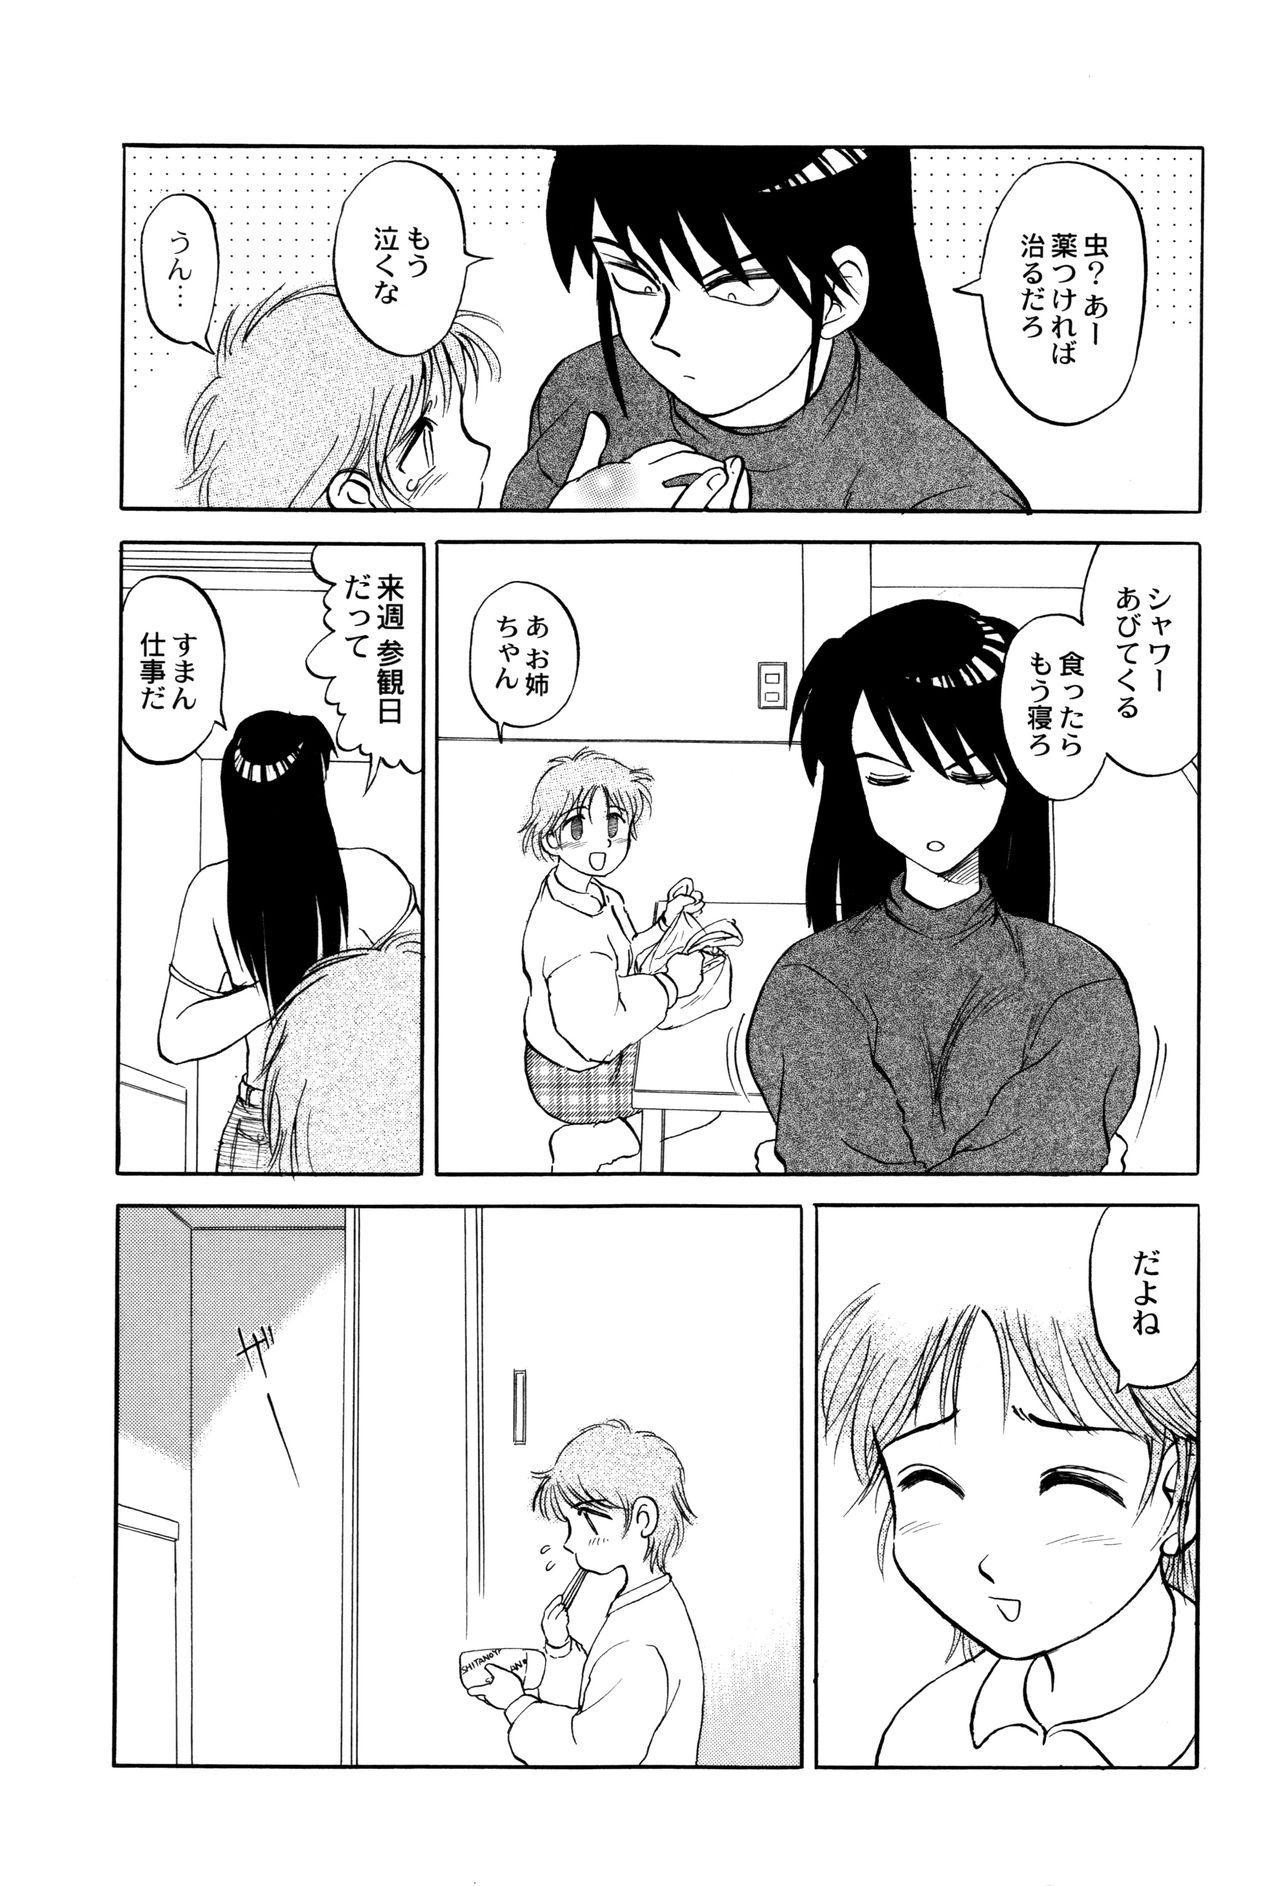 Chishigoyomi 181